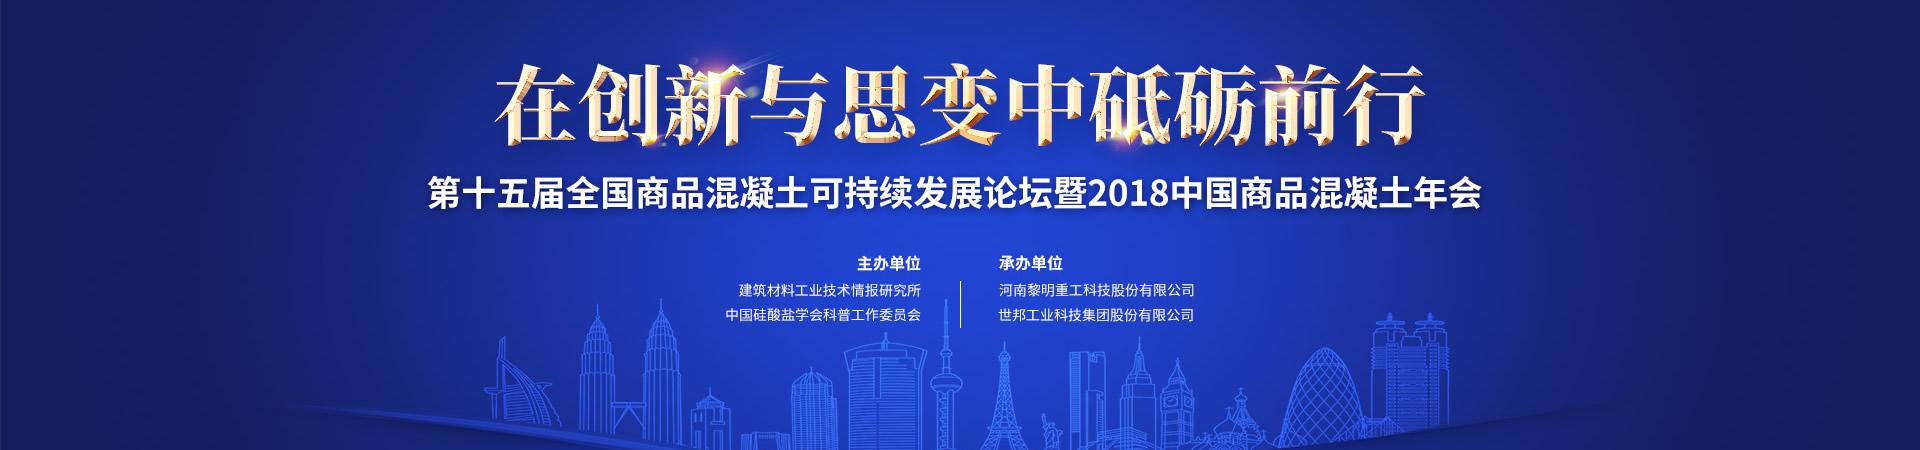 2018第十五届全国商品混凝土可持续发展论坛暨2018中国商品混凝土年会